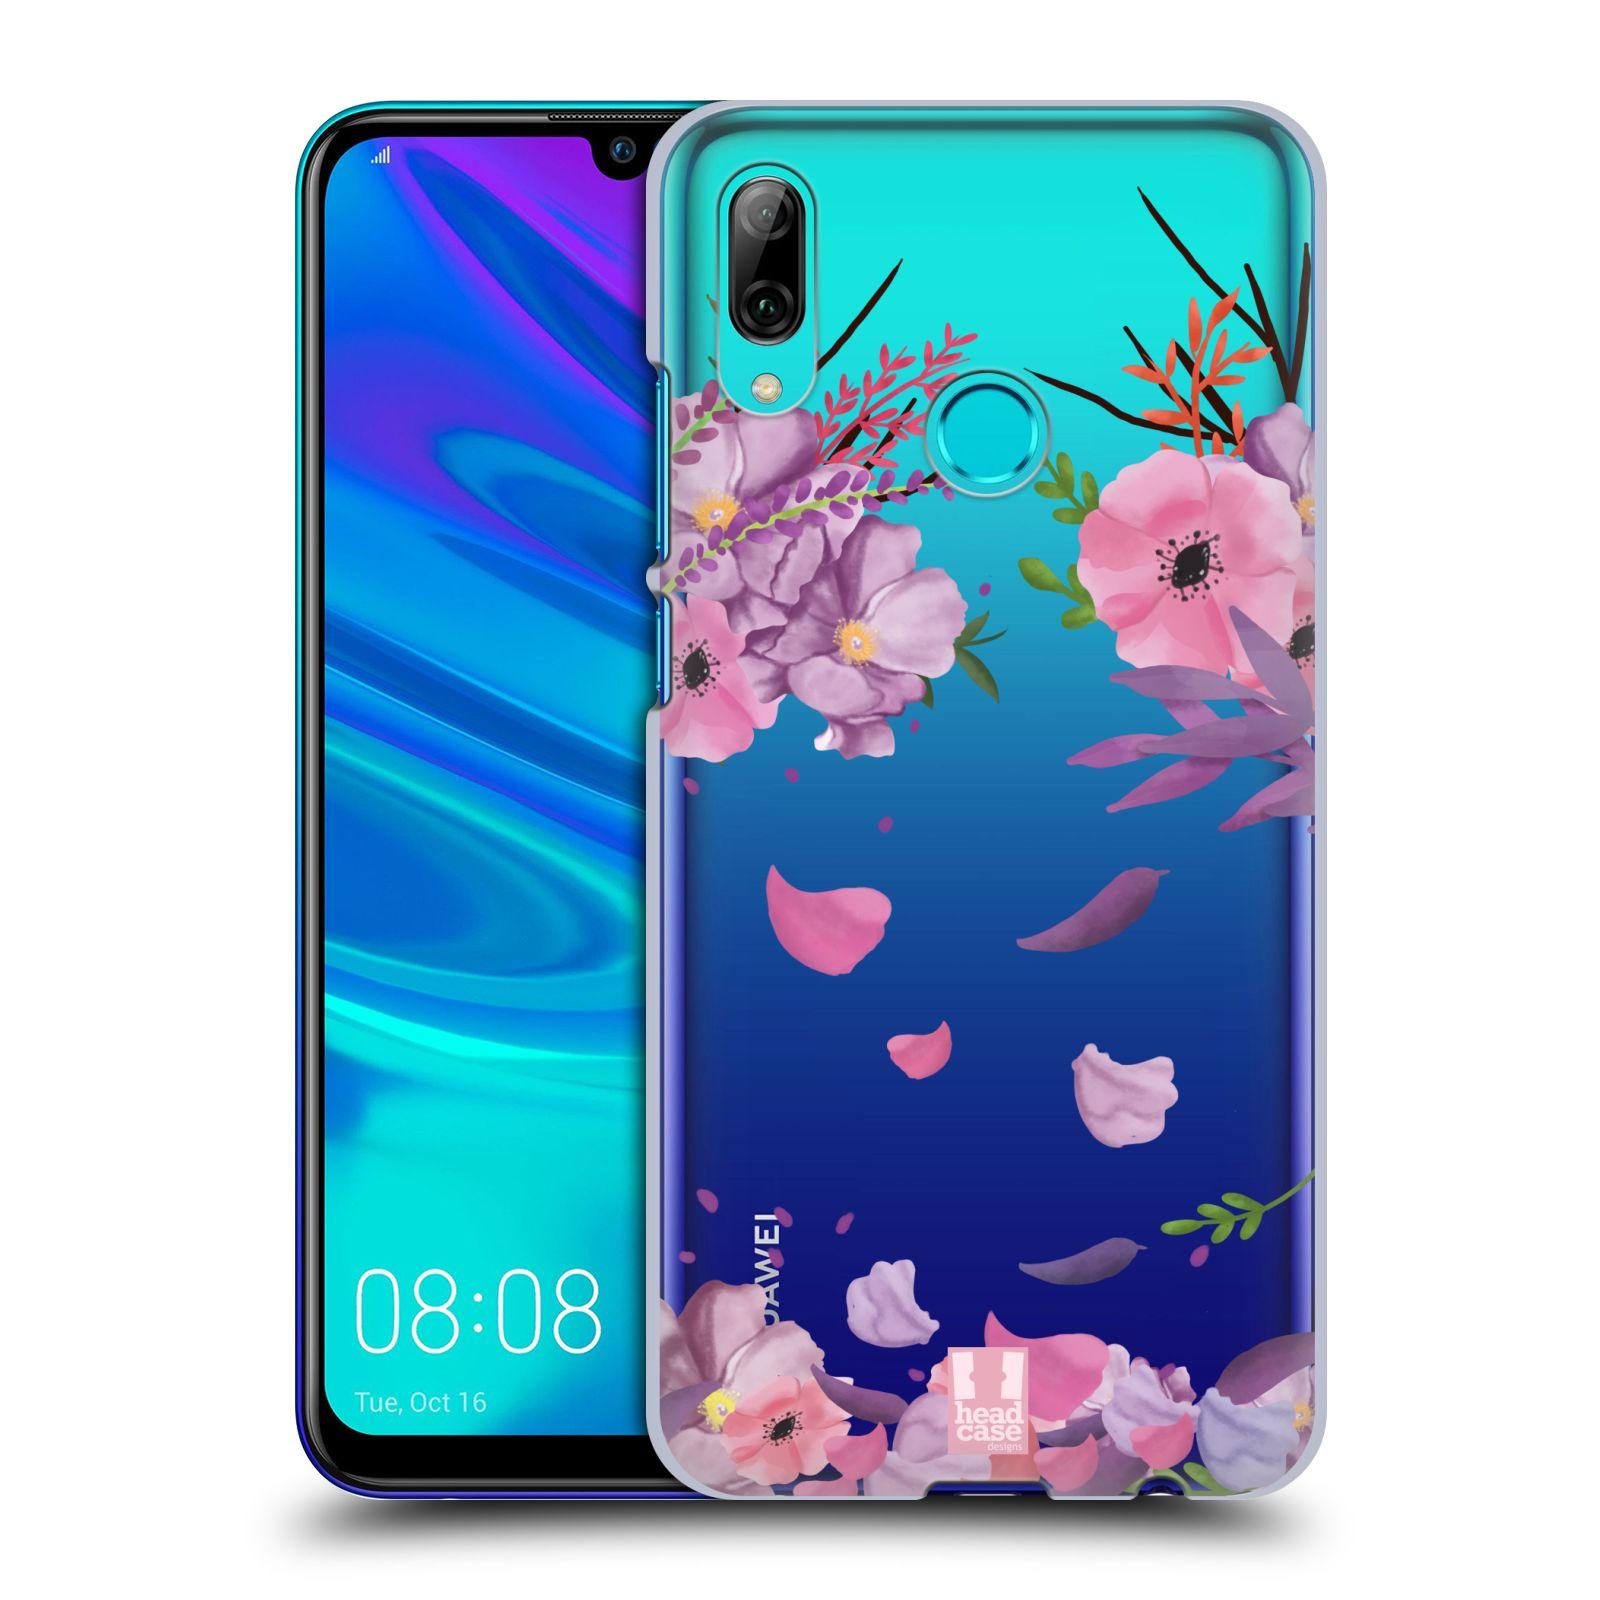 Plastové pouzdro na mobil Huawei P Smart (2019) - Head Case - Okvětní lístky